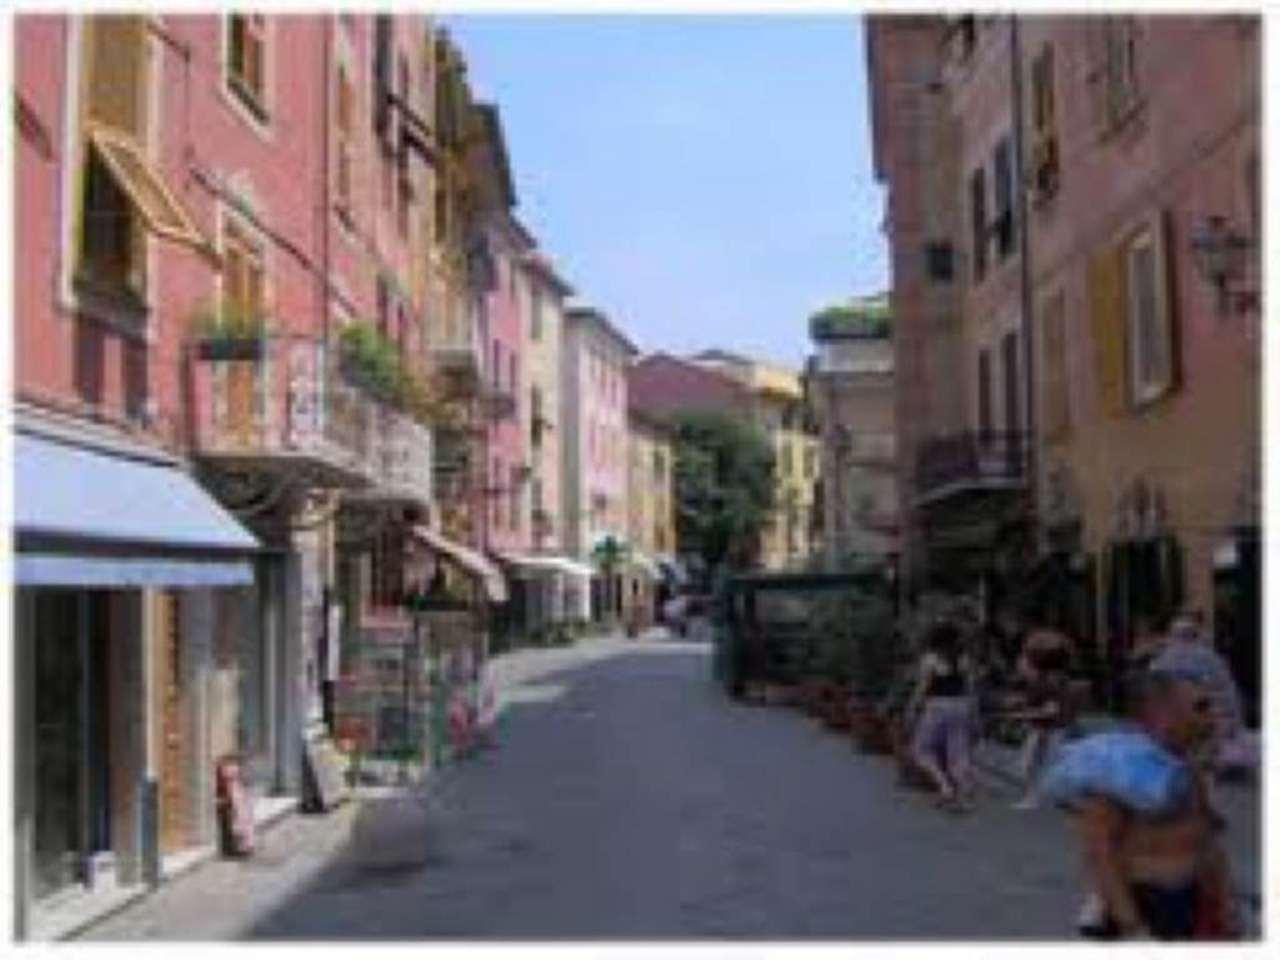 Albergo in vendita a Chiavari, 9999 locali, prezzo € 150.000 | CambioCasa.it